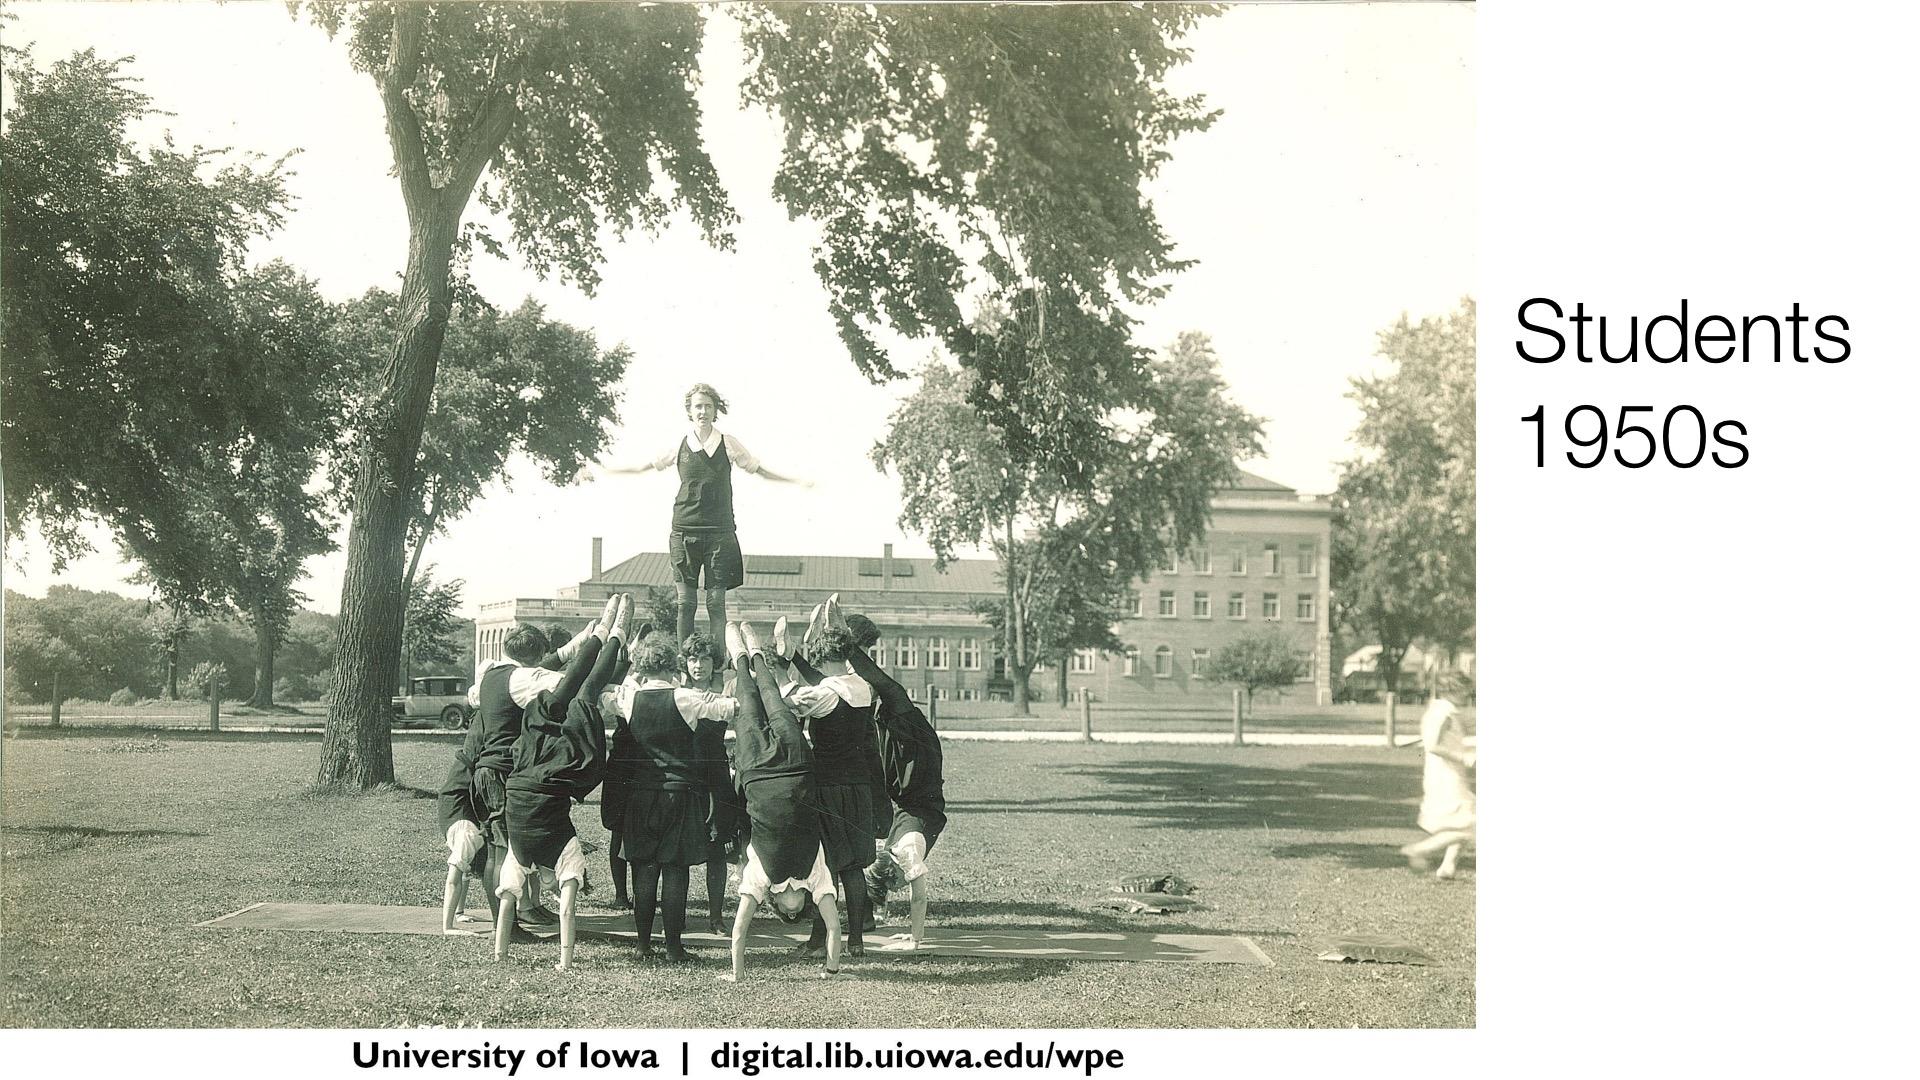 Students, 1950s